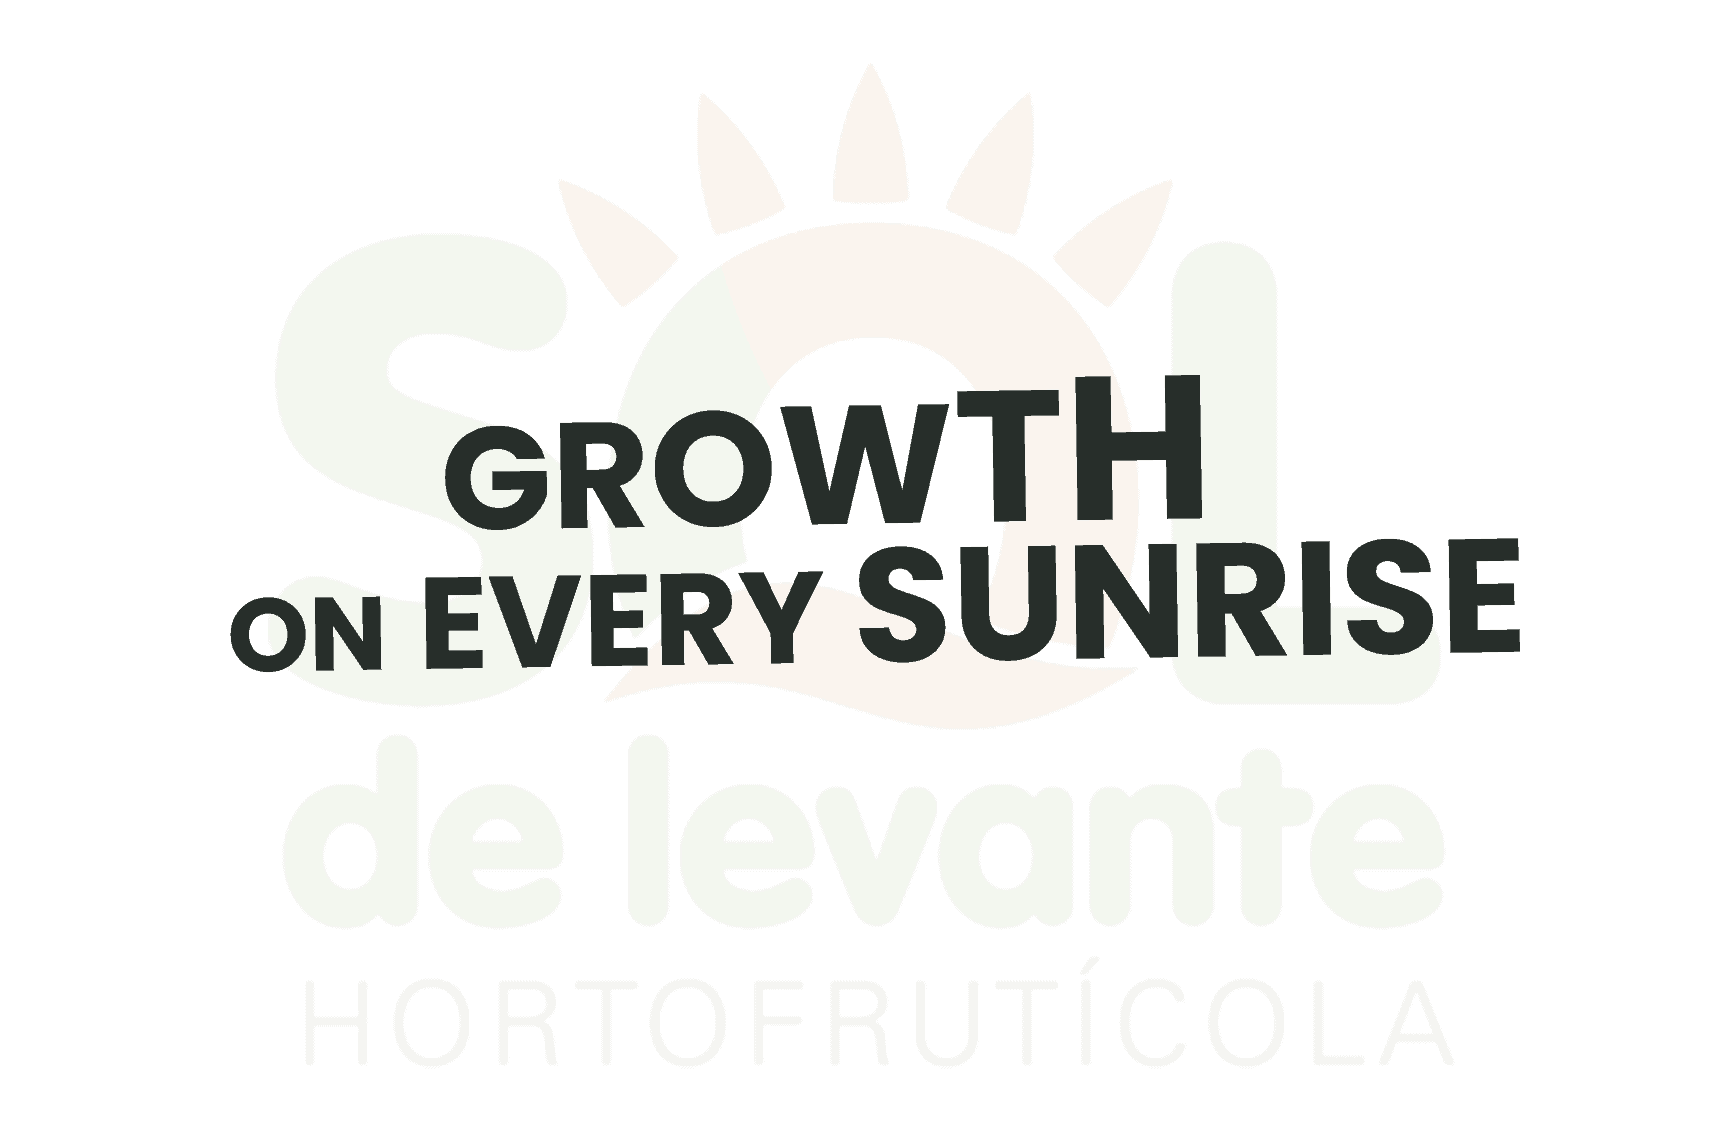 Comunicación, web y estrategia | Sol de Levante 1